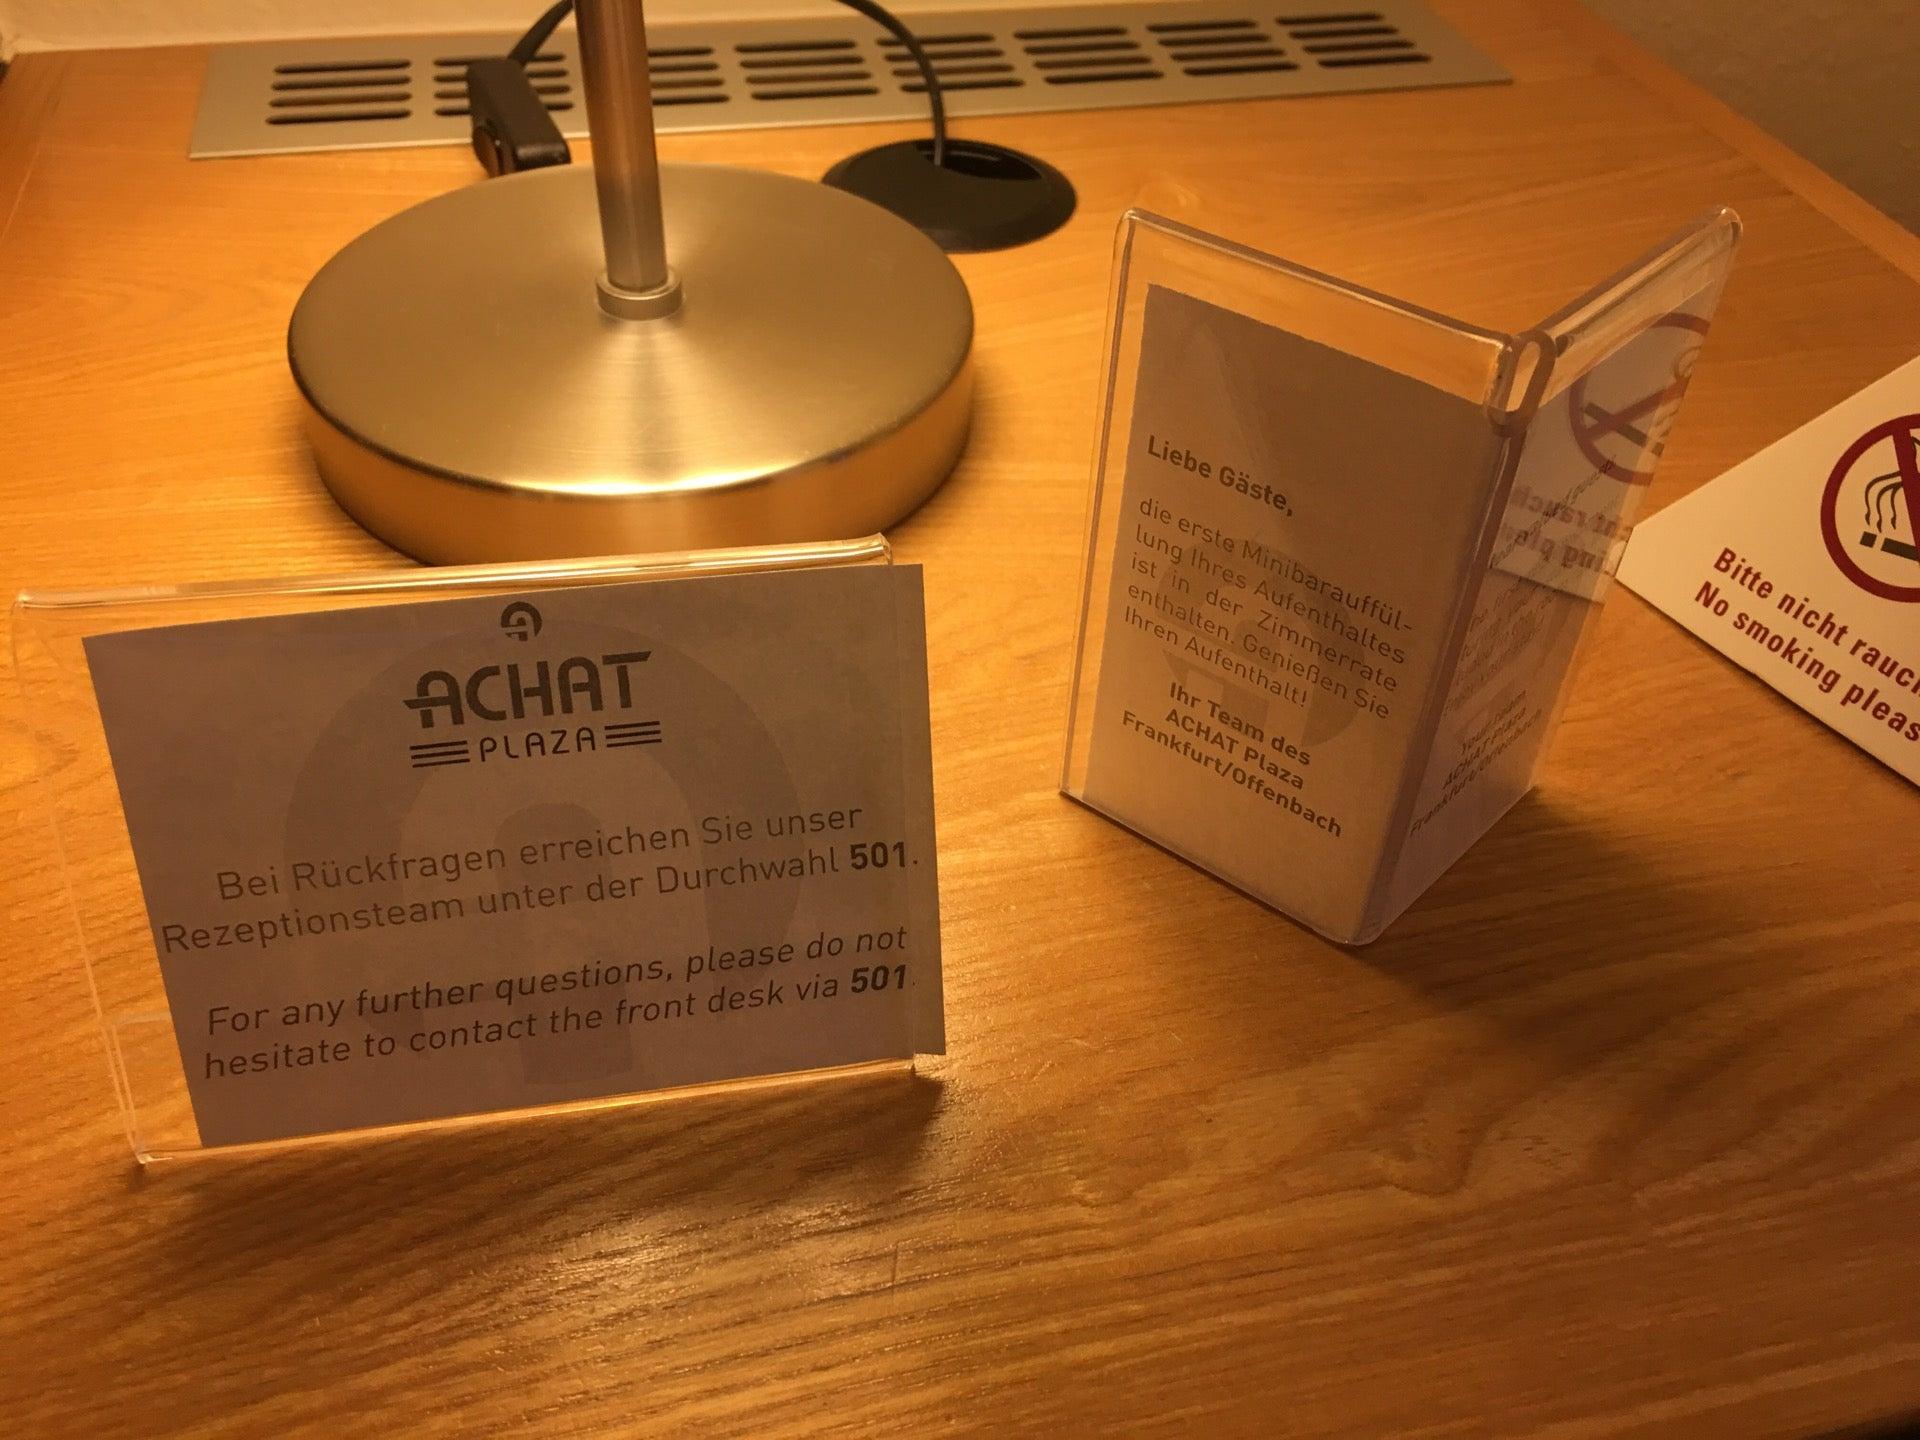 achat plaza frankfurt offenbach preise fotos bewertungen adresse deutschland. Black Bedroom Furniture Sets. Home Design Ideas